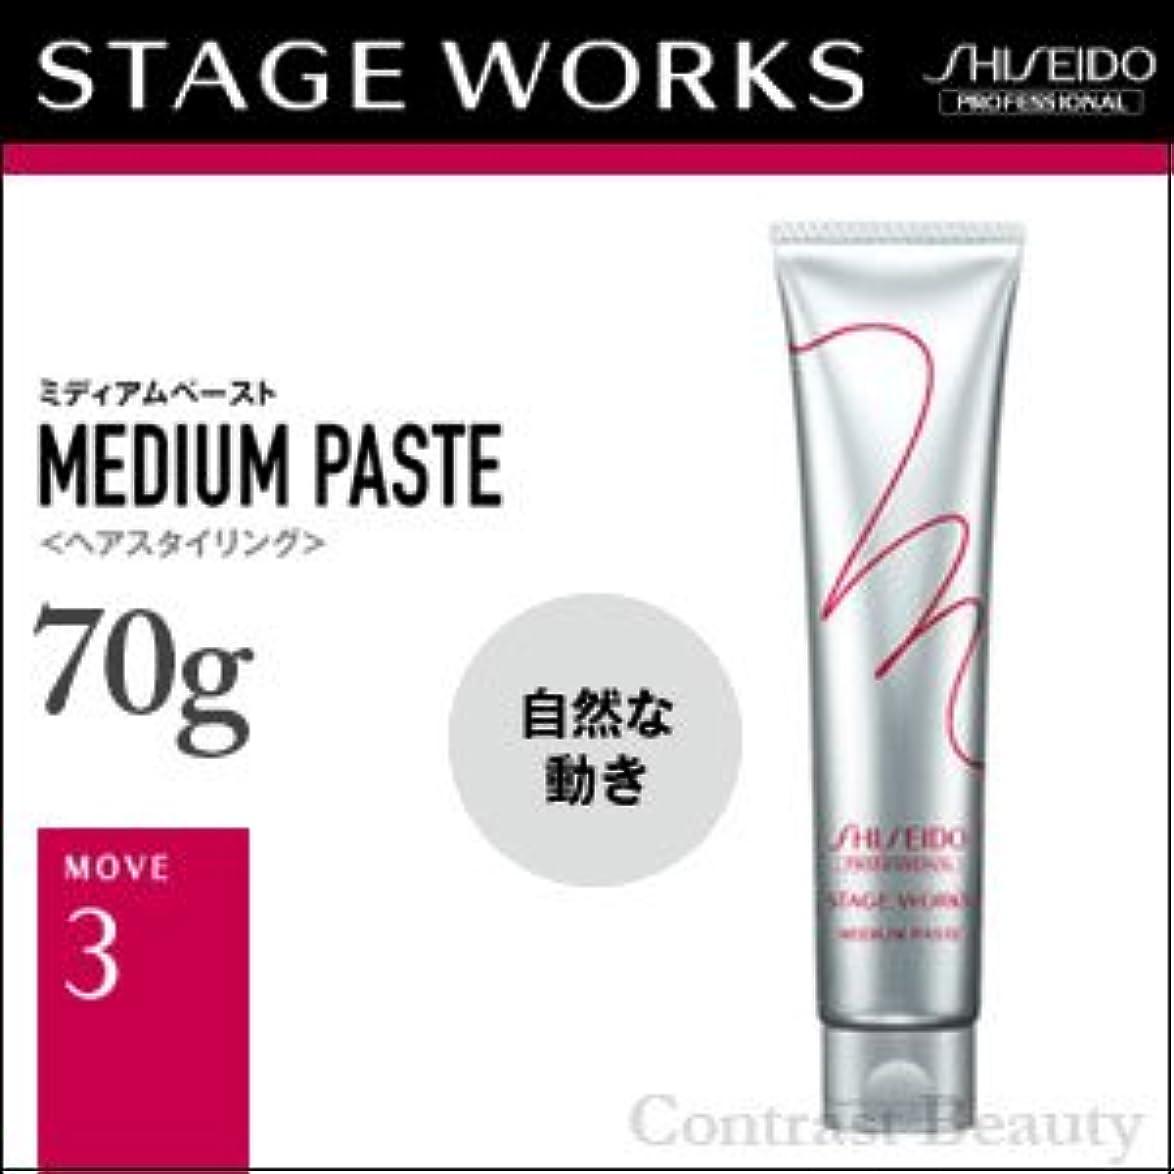 免除収益レモン【x3個セット】 資生堂 ステージワークス ムーブ3 ミディアムペースト 70g